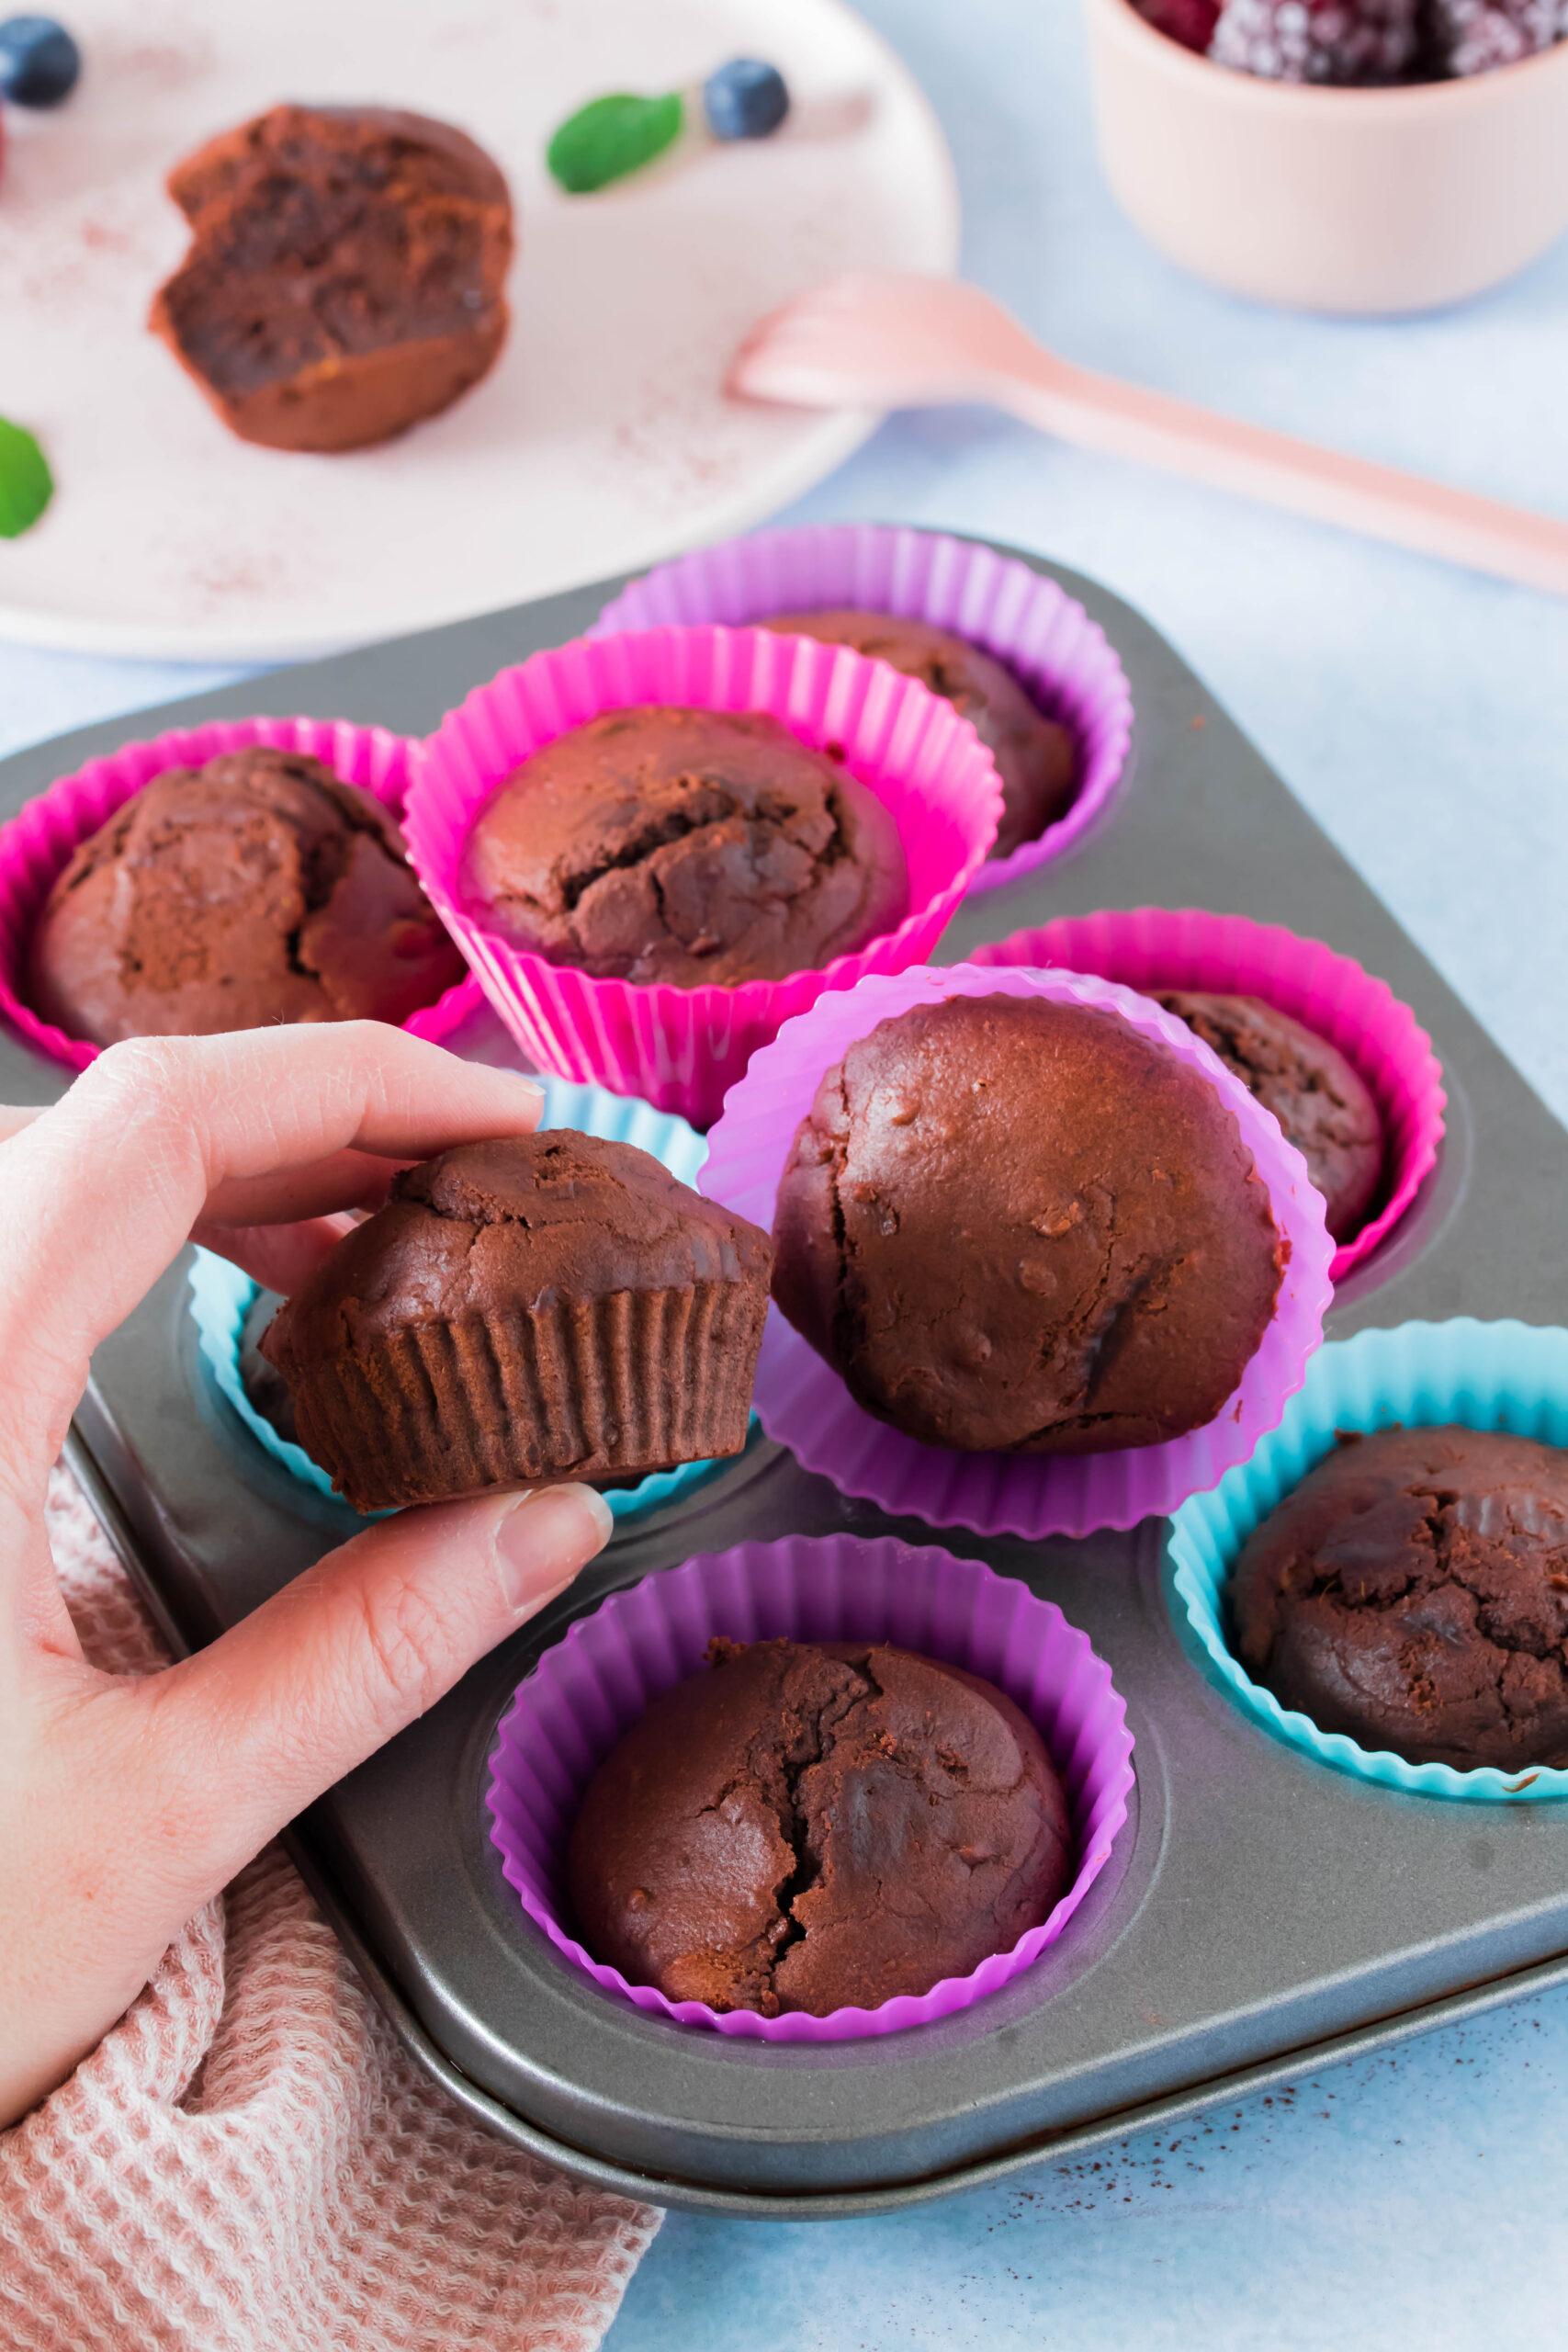 Gesunde Snackidee für Kinder: Schoko-Sßkartoffelmuffins. Perfekt für die Brotdose.